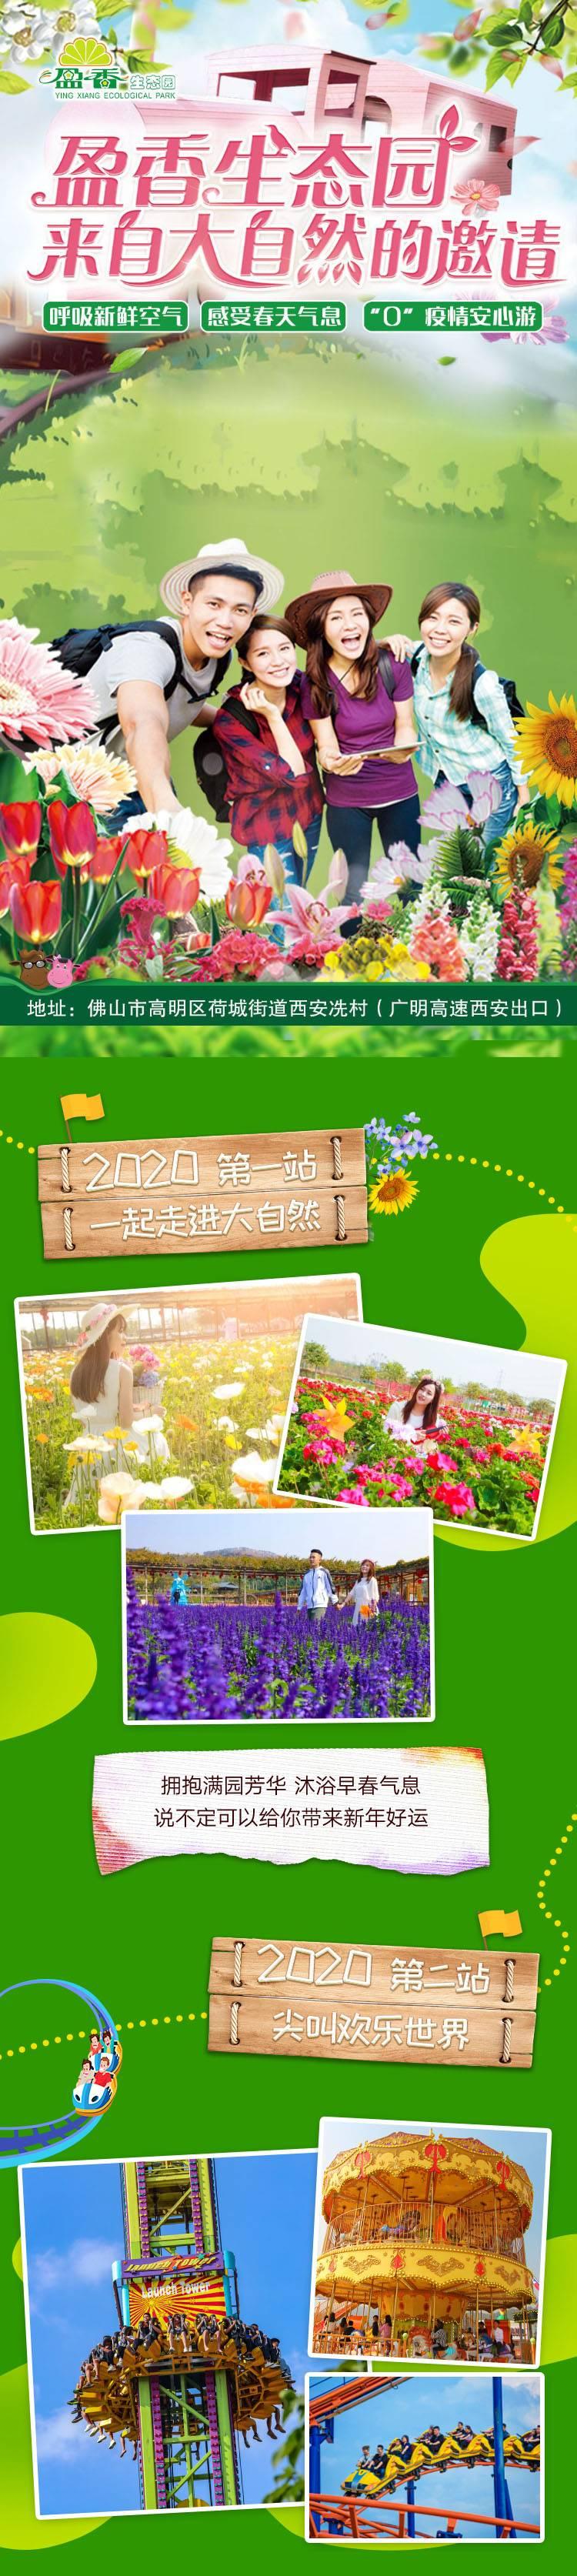 【常规票】盈香生态园成人票1张含机动游戏+四季花海+彩虹滑道